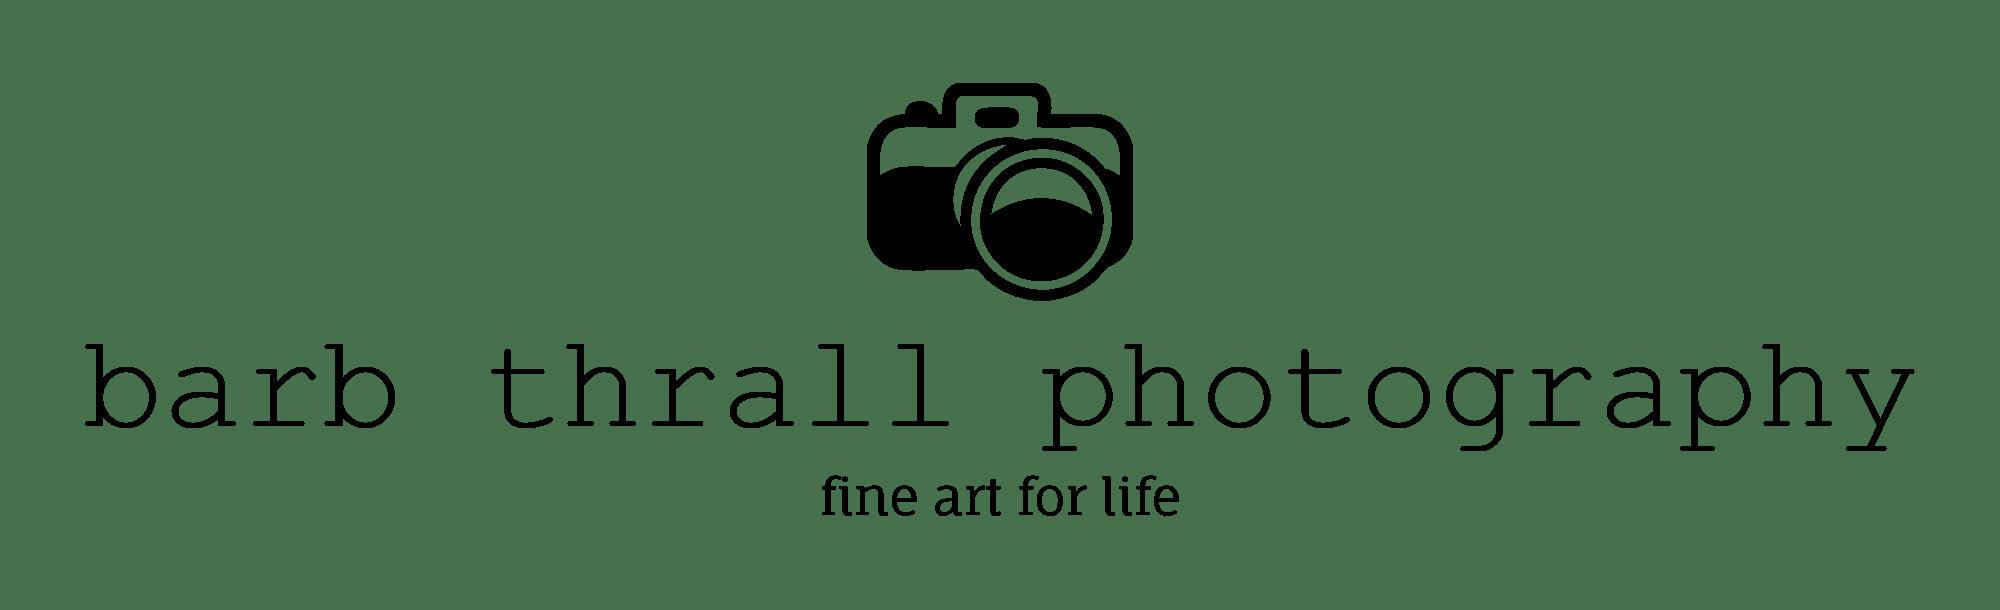 barb thrall photography